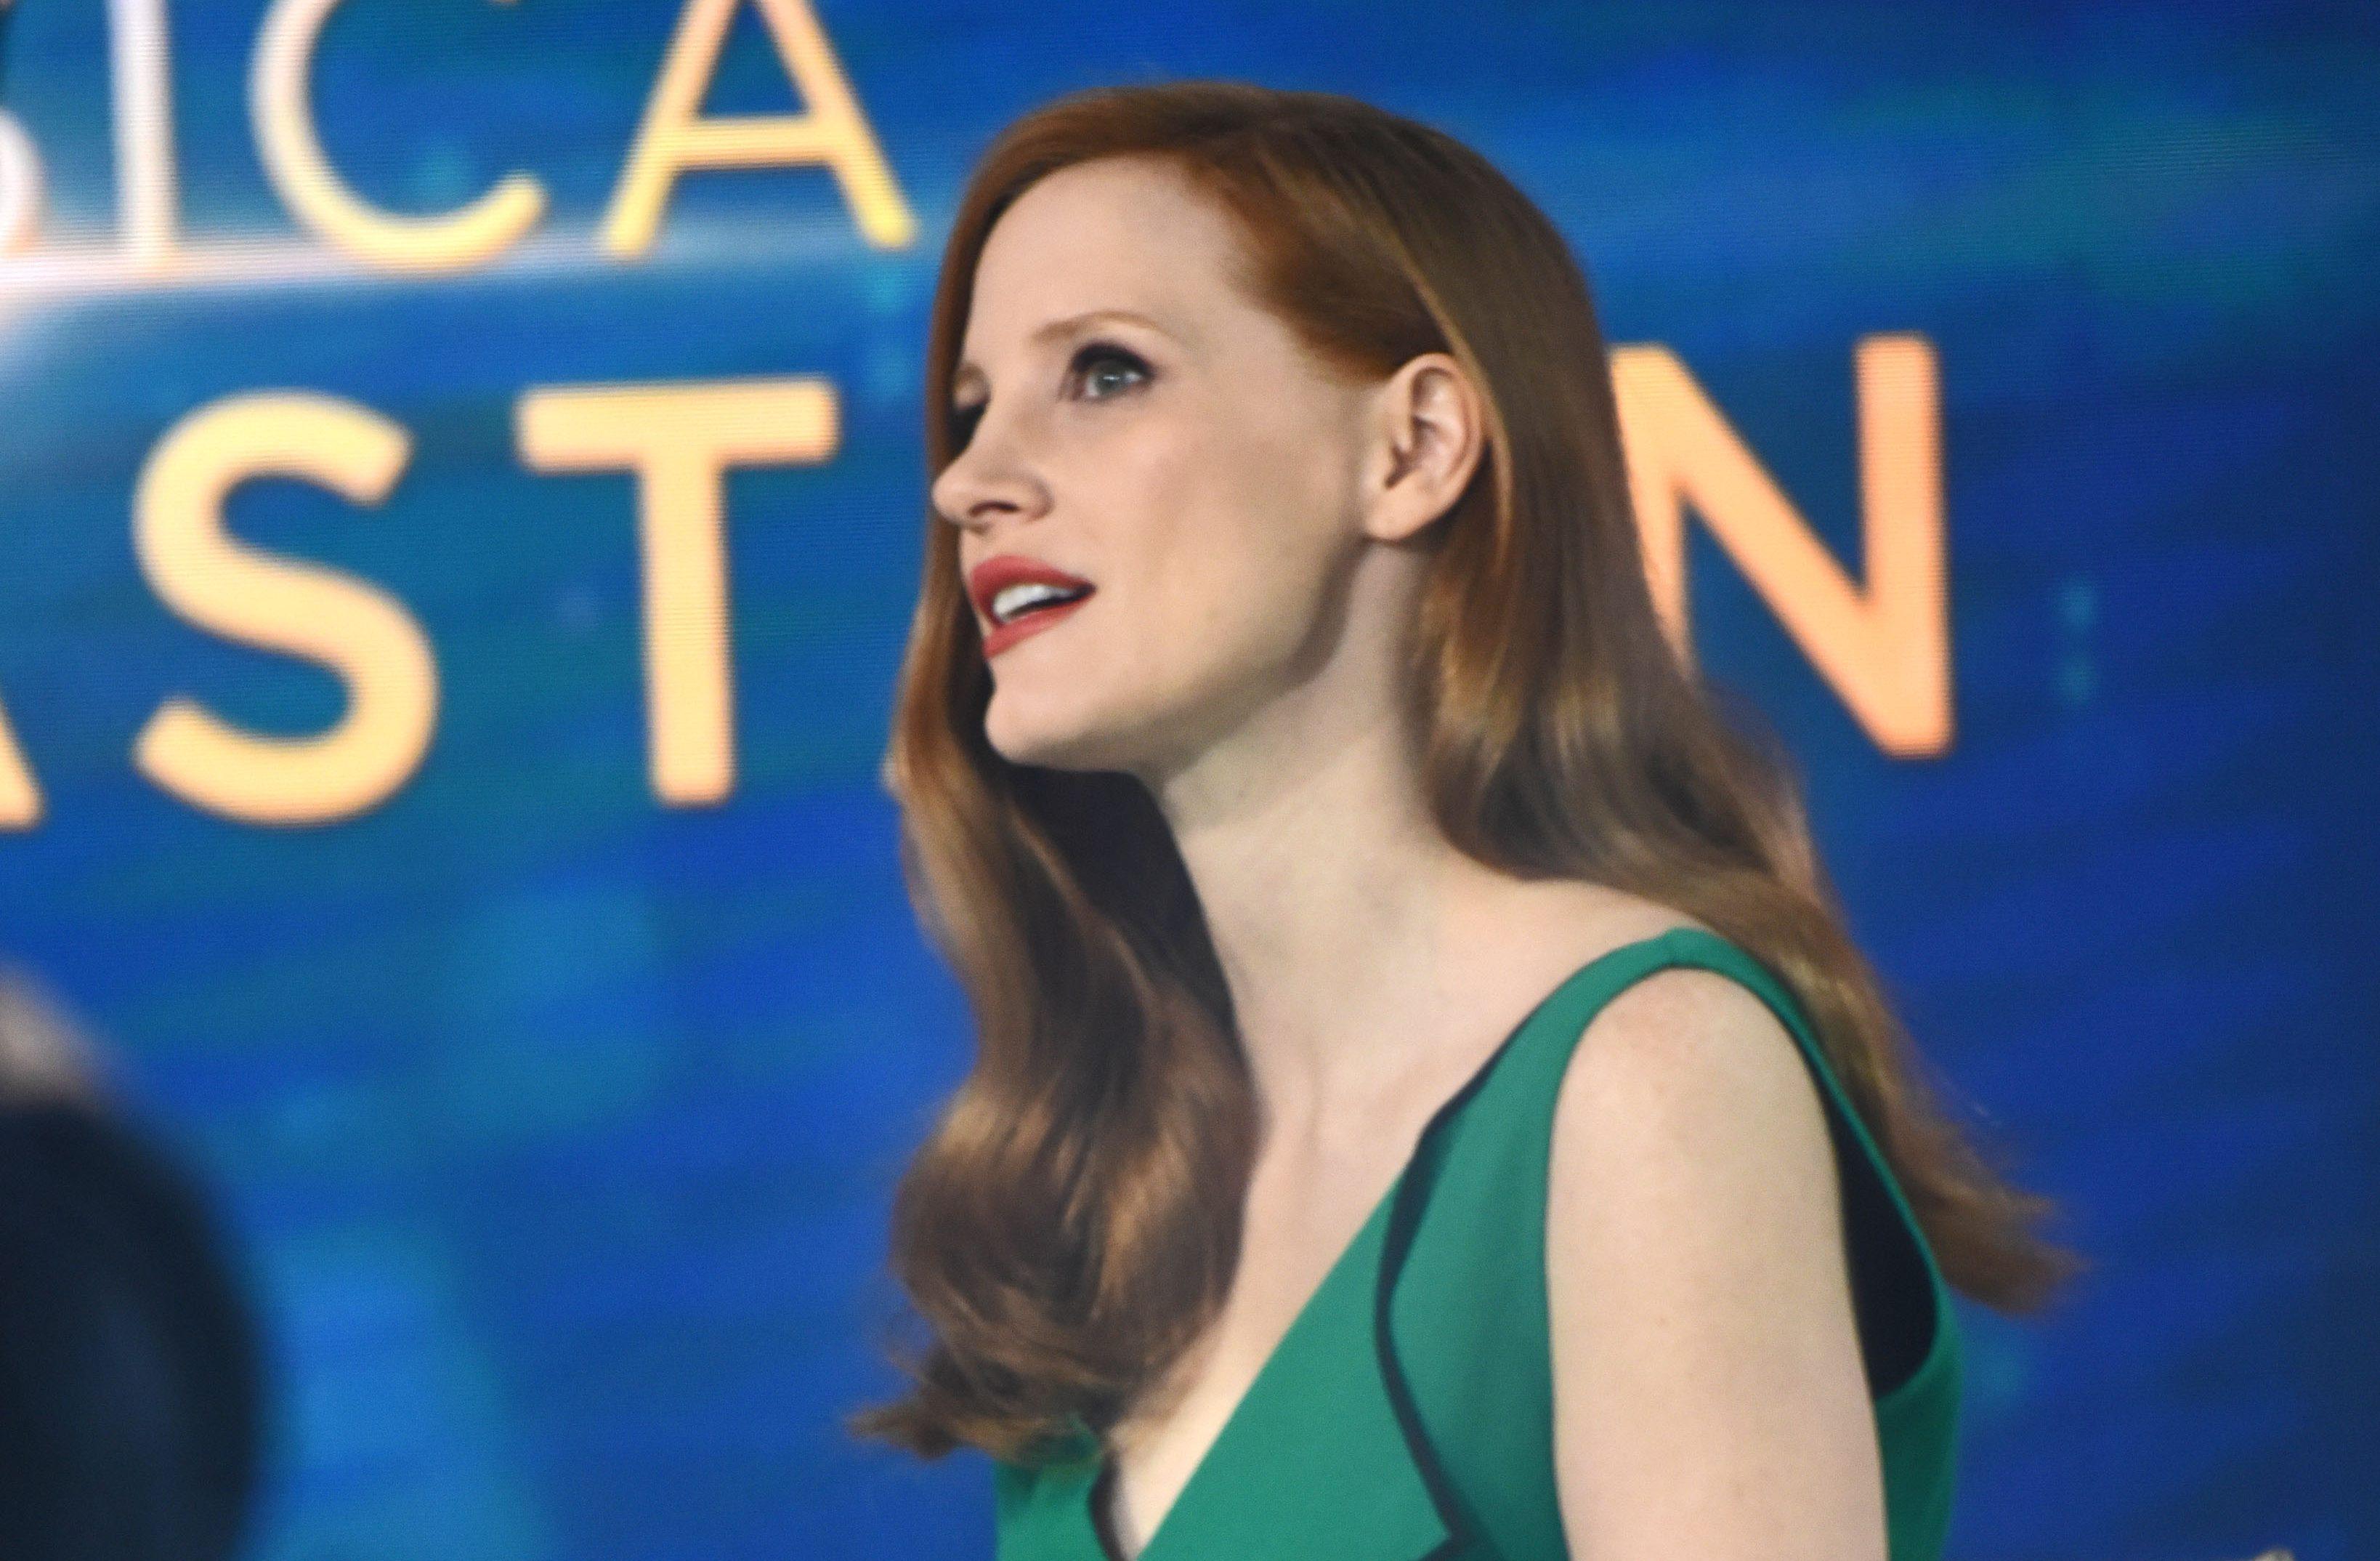 Vídeo + Fotos: Jessica comparece ao programa Today Show